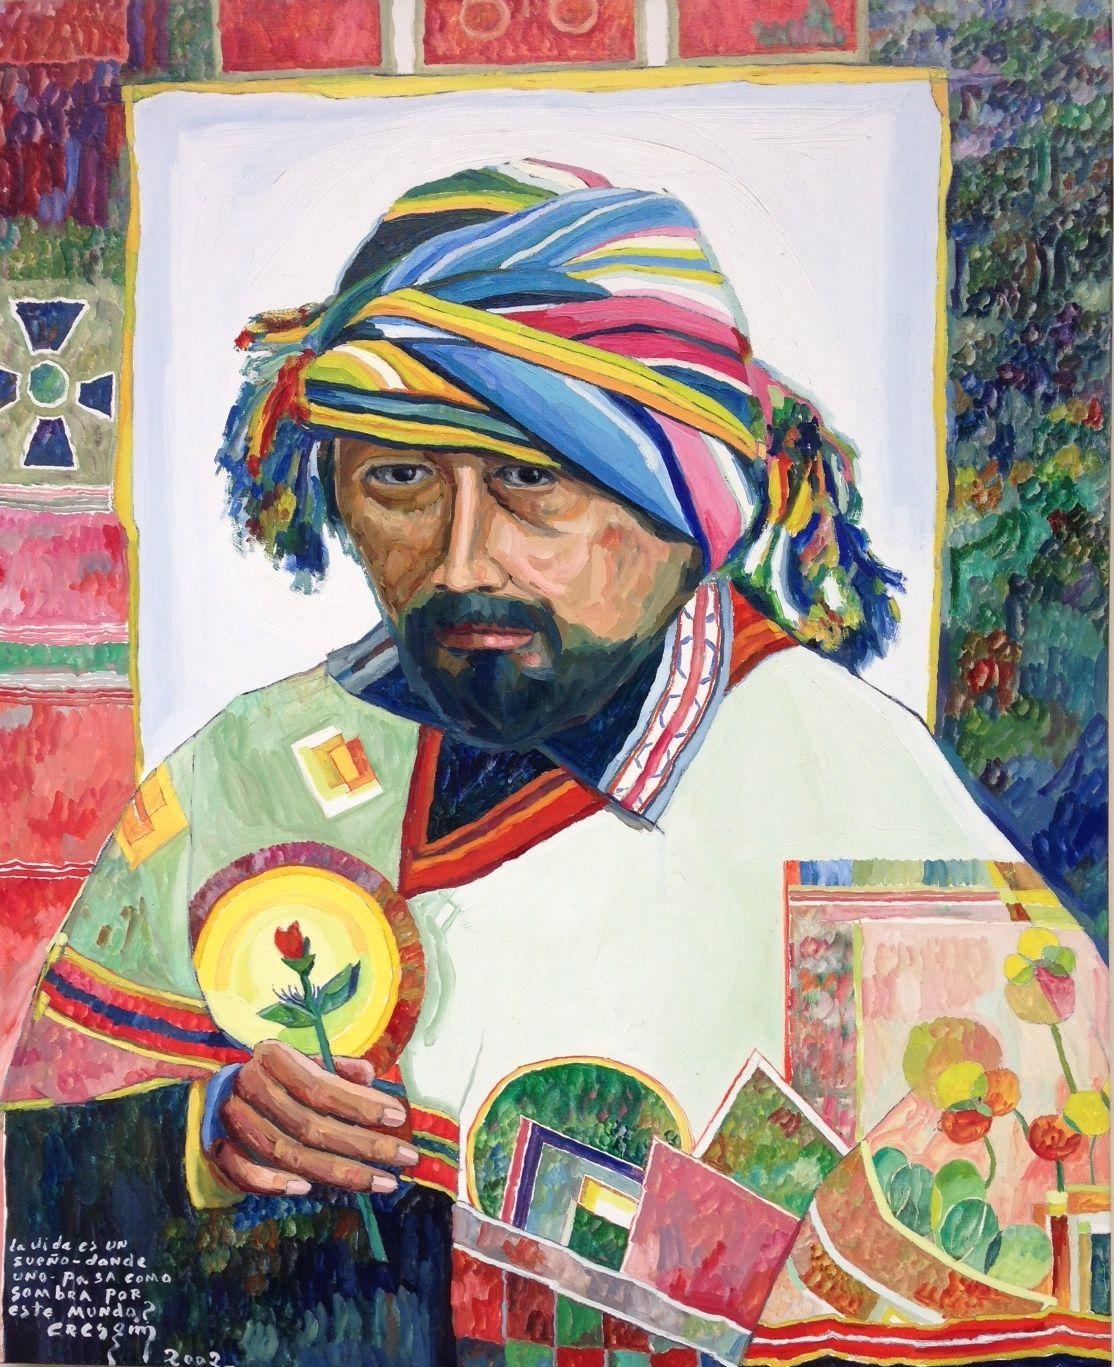 """Bernardo CRESPIN : """"La vida es un sueño donde uno pasa como sombra por este mundo"""" (Autorretrato) ; 2002 ; oleo sobre lienzo ; 94cm x 76cm ; colección MDAA (adquirido del artista a través de la galería Humberto Saravia)"""